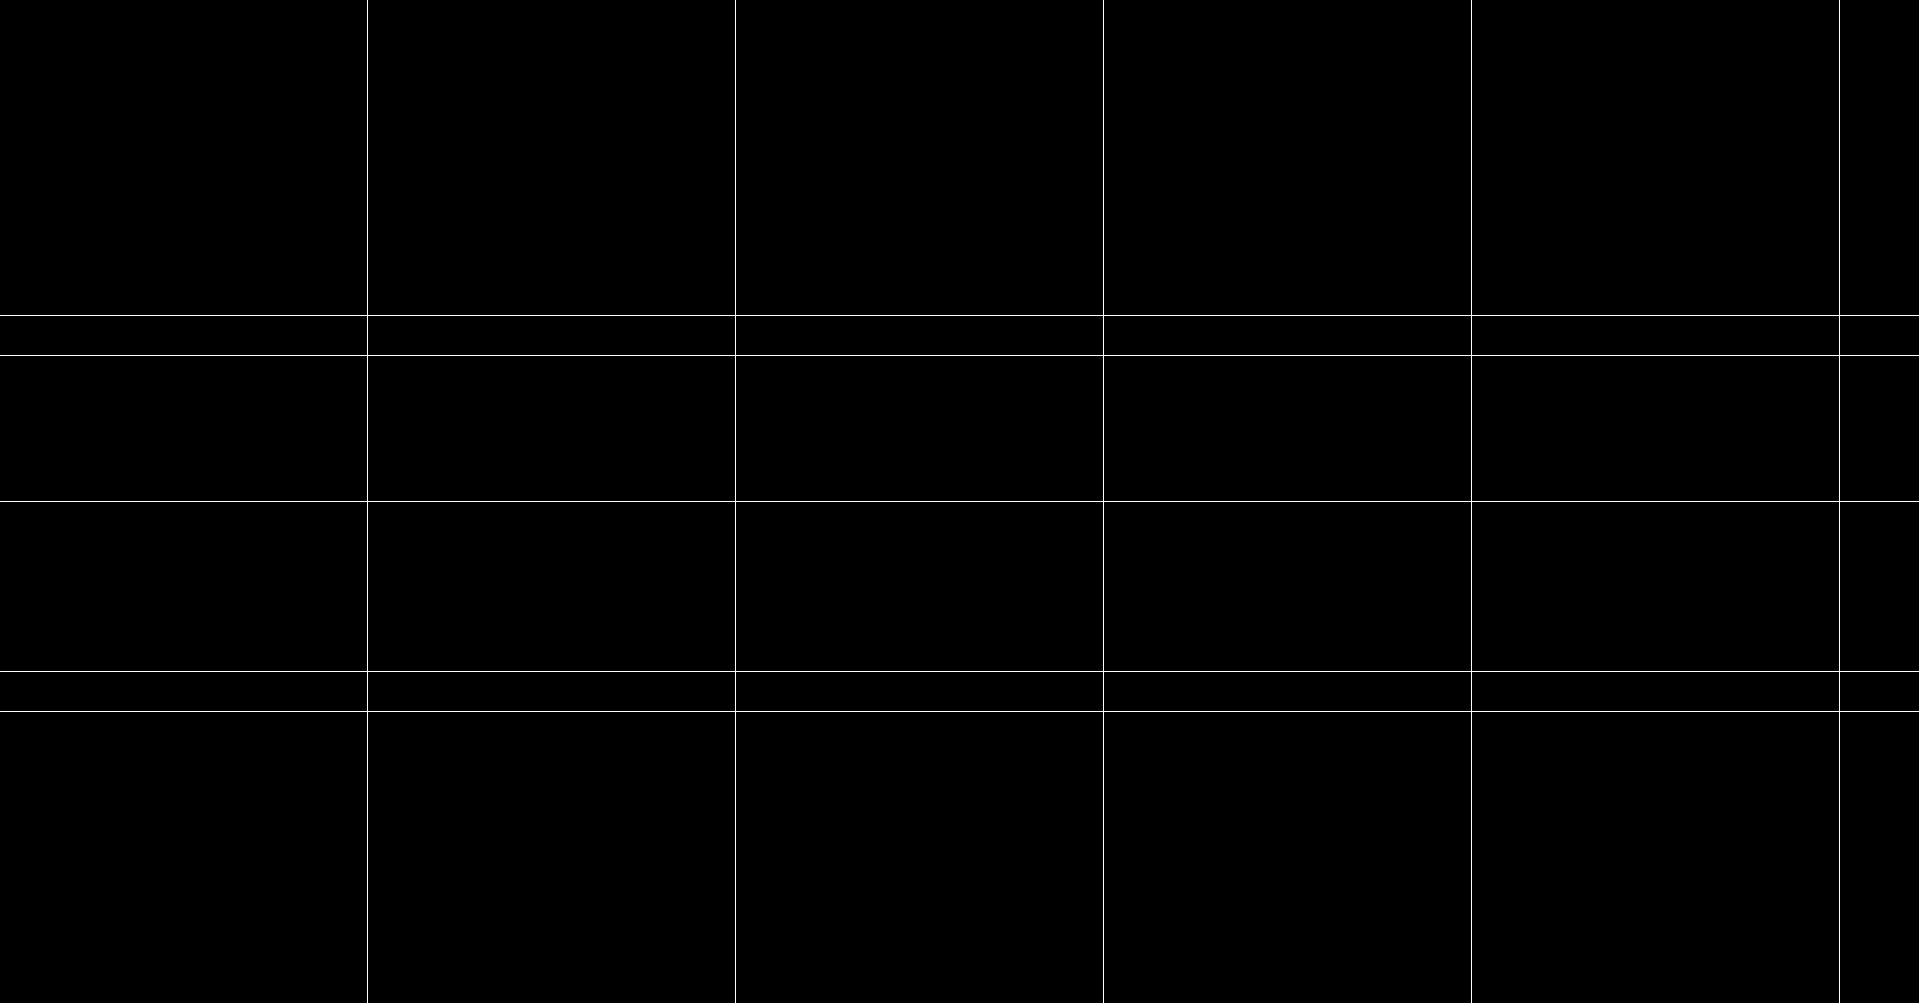 slider-4-pattern